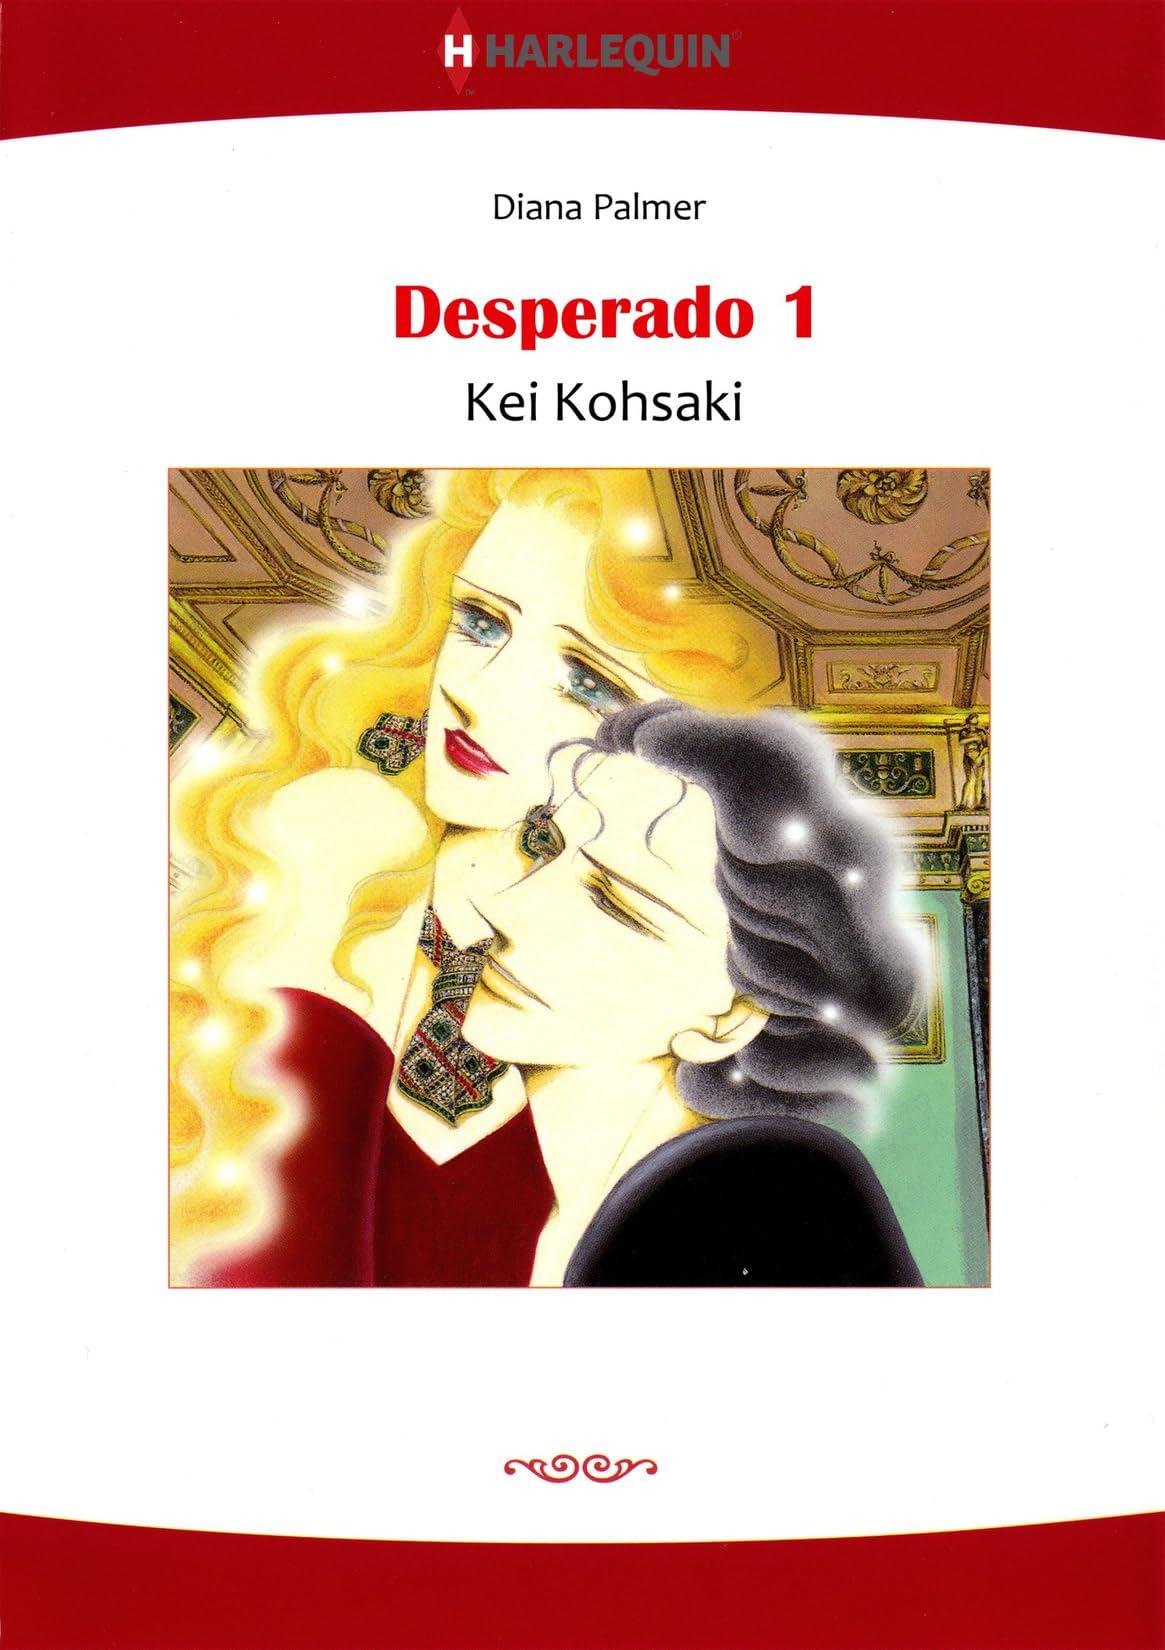 Desperado Vol. 1